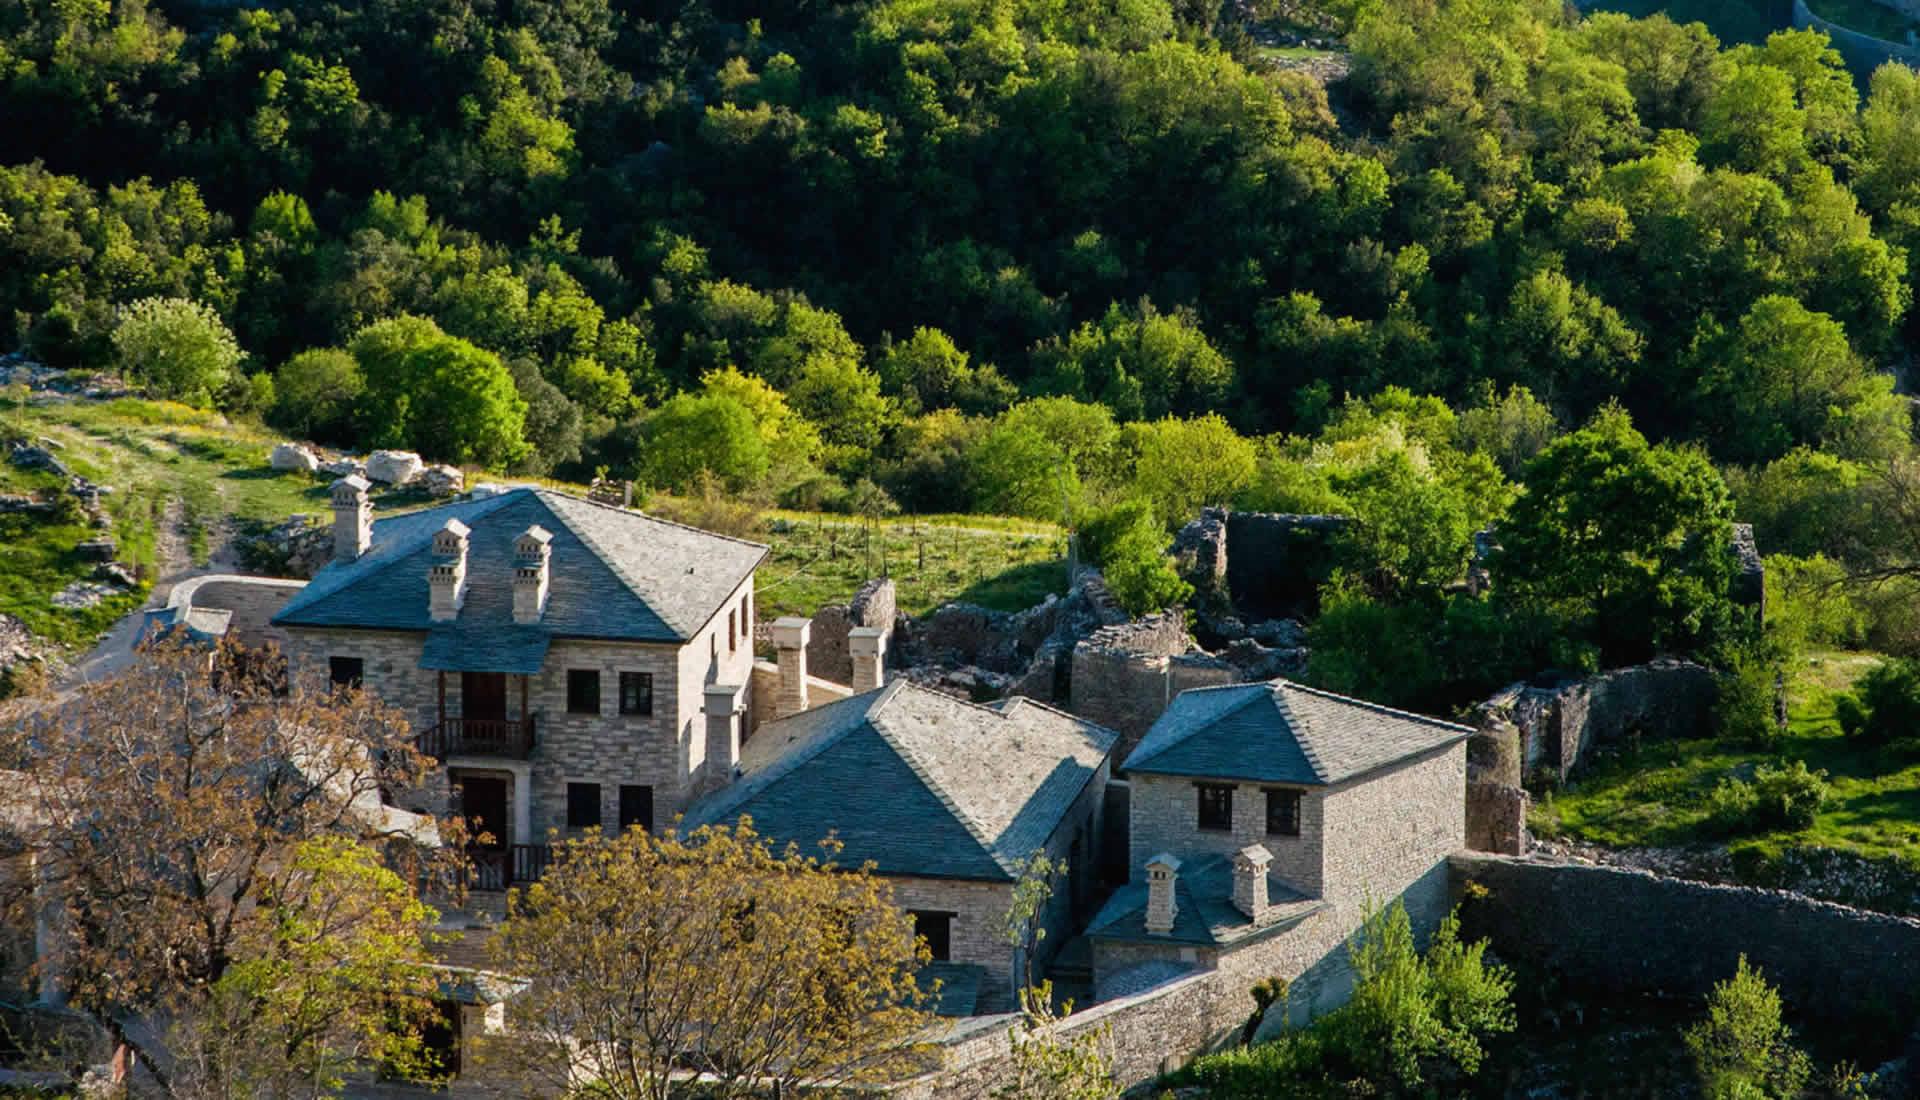 Ξενώνας Γιωράλδη, Άνω Πεδινά, Ζαγοροχώρια